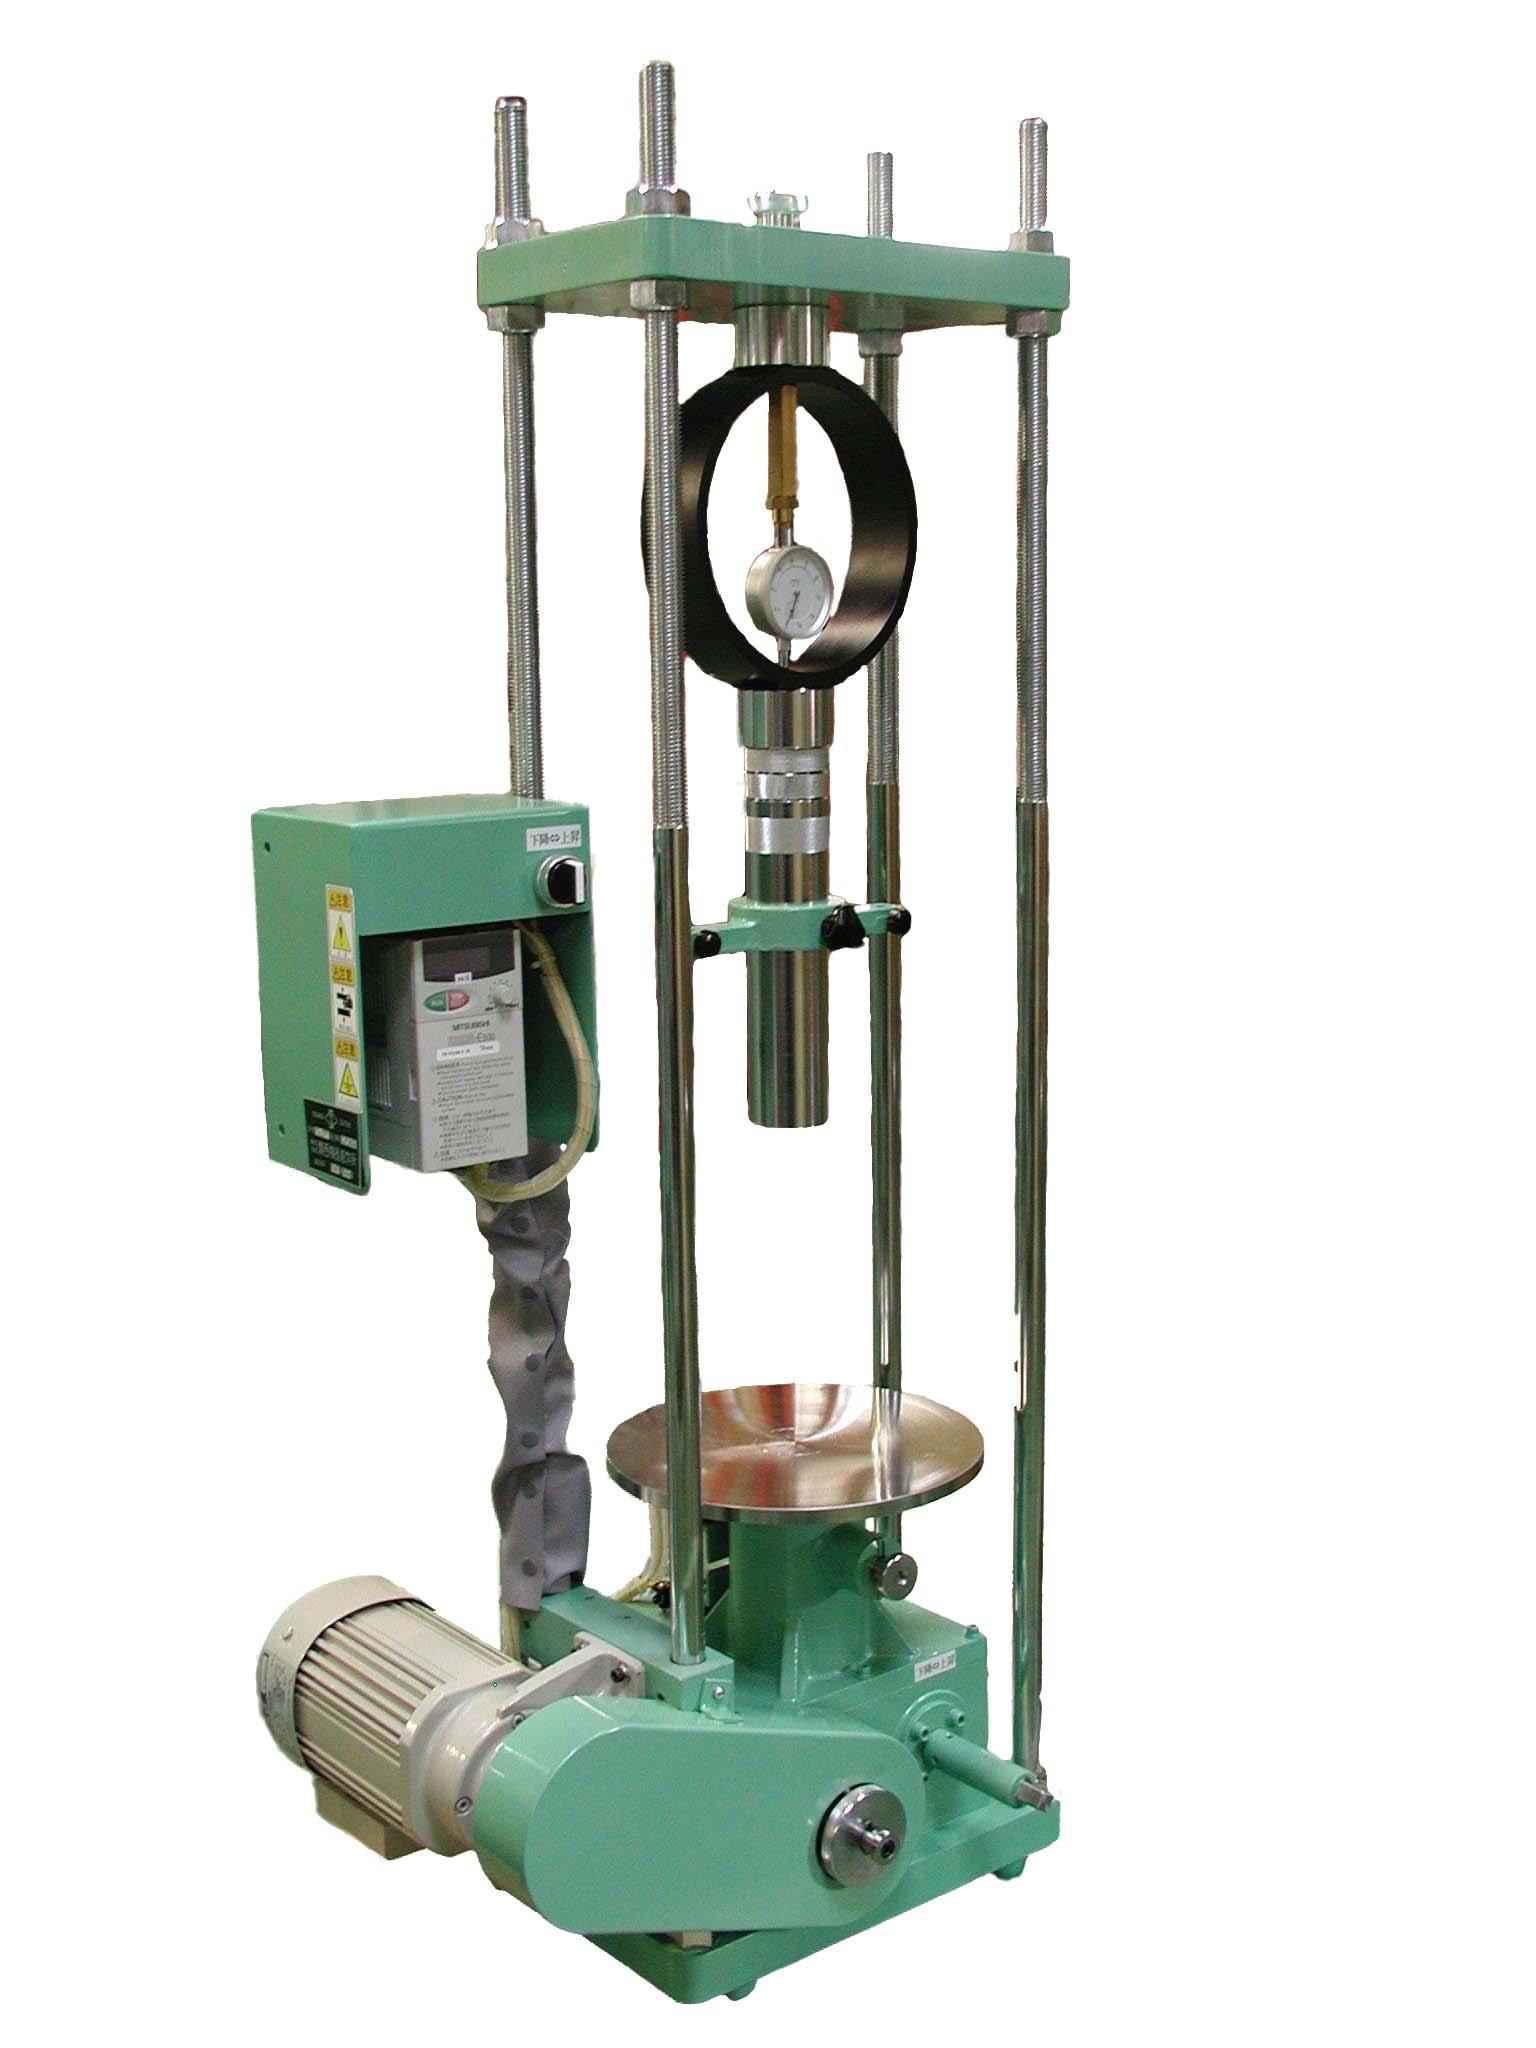 CBR試験機電動式載荷装置 最大能力50kN